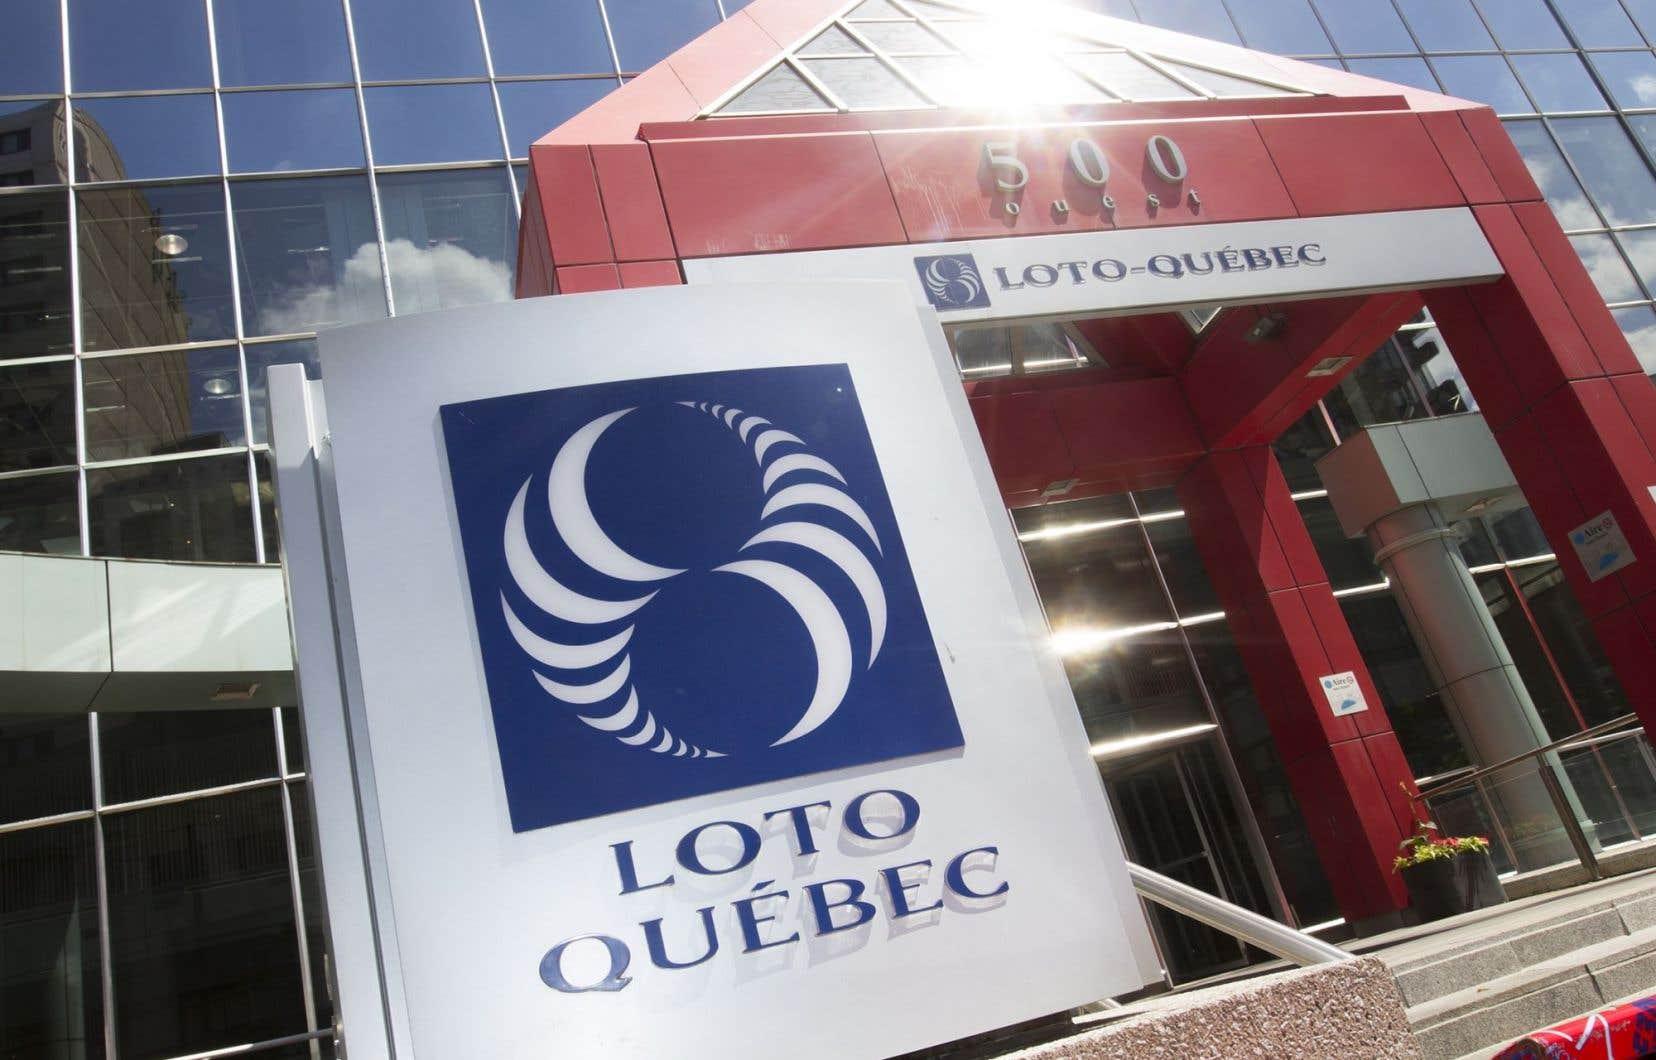 Loto-Québec emboîte ainsi le pas à d'autres sociétés de loteries et de jeux provinciales ou régionales qui ont aussi mis sur pied des paris consacrés à la politique américaine ou étrangère.